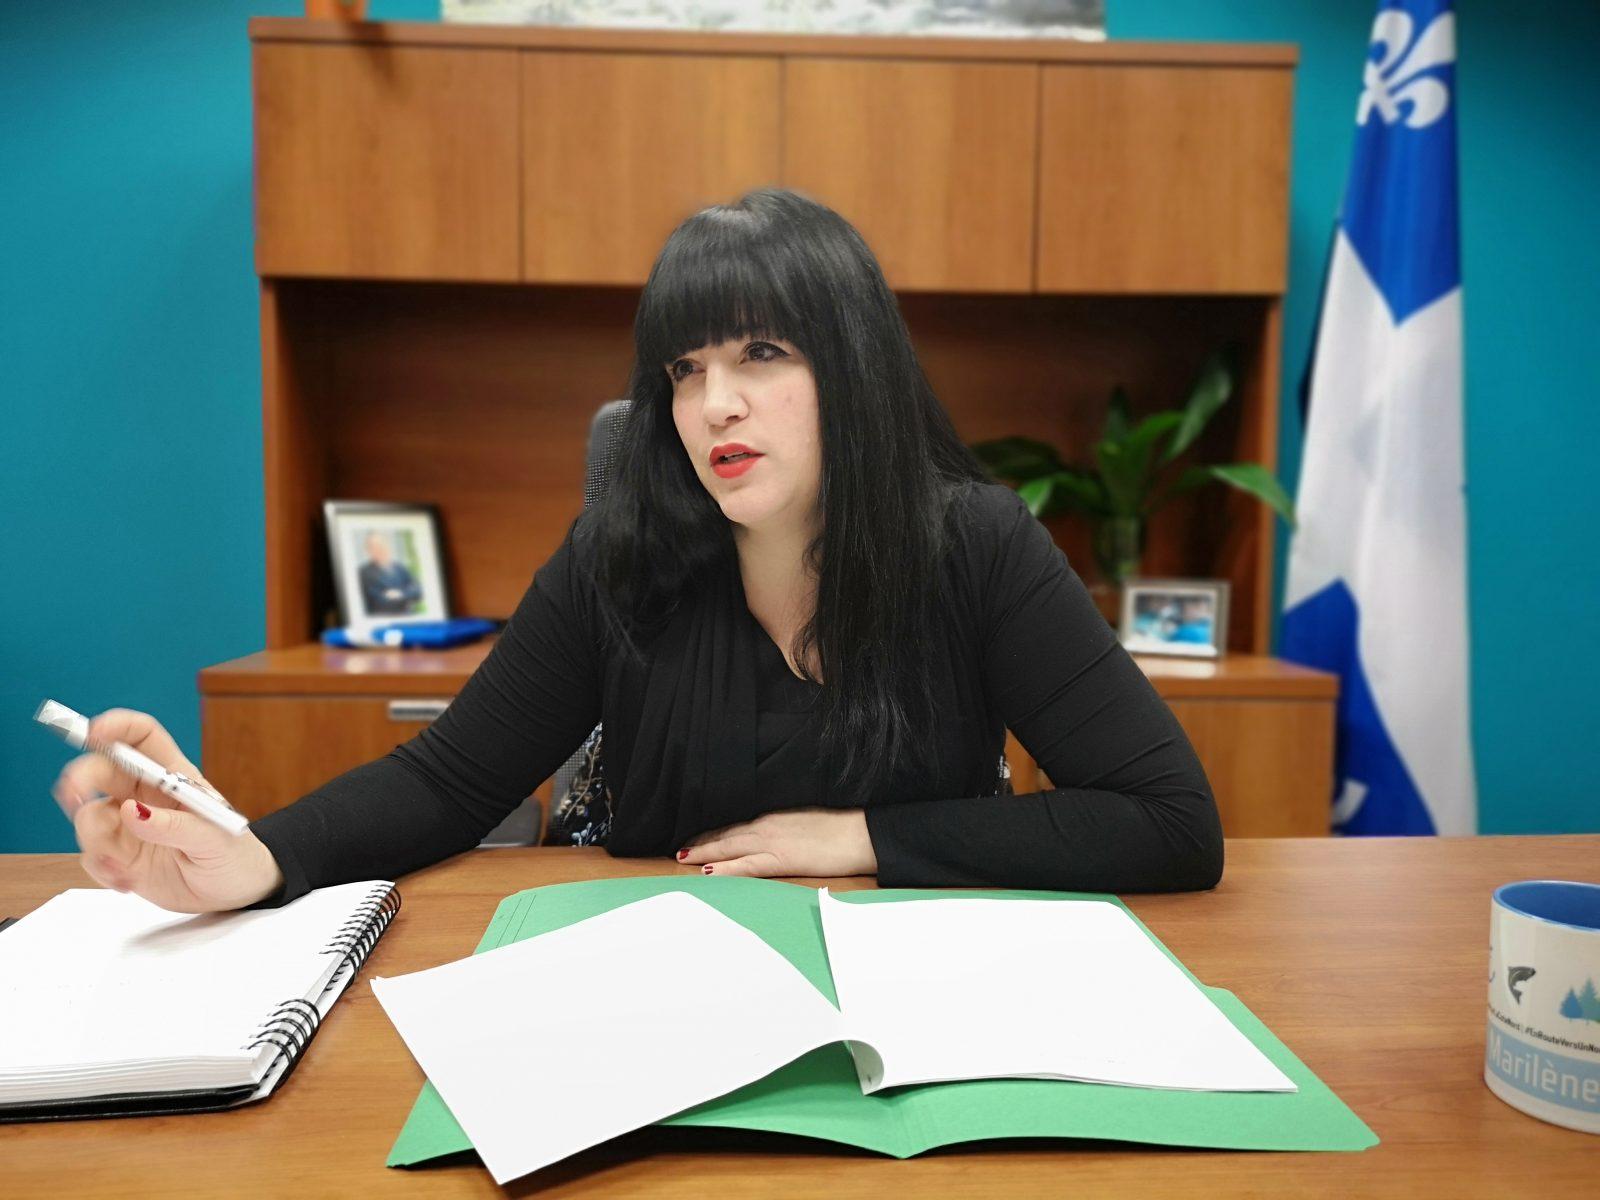 Pauvreté et logement : le Bloc québécois dénonce la mauvaise gestion d'Ottawa